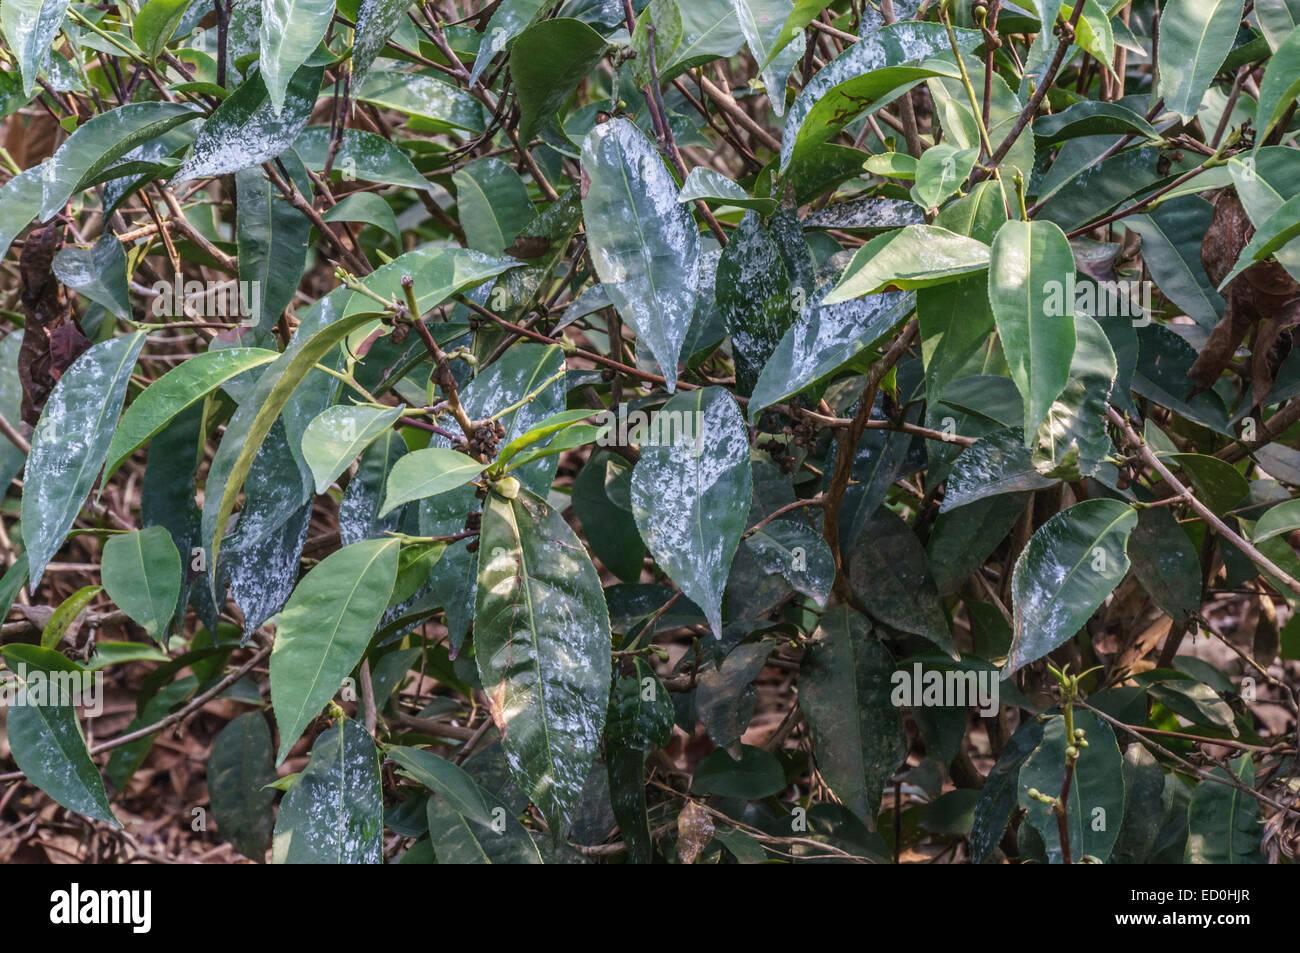 Il Kerala, India - Connemara la piantagione di tè e di fabbrica. Piante di tè spruzzata per impedire il Immagini Stock